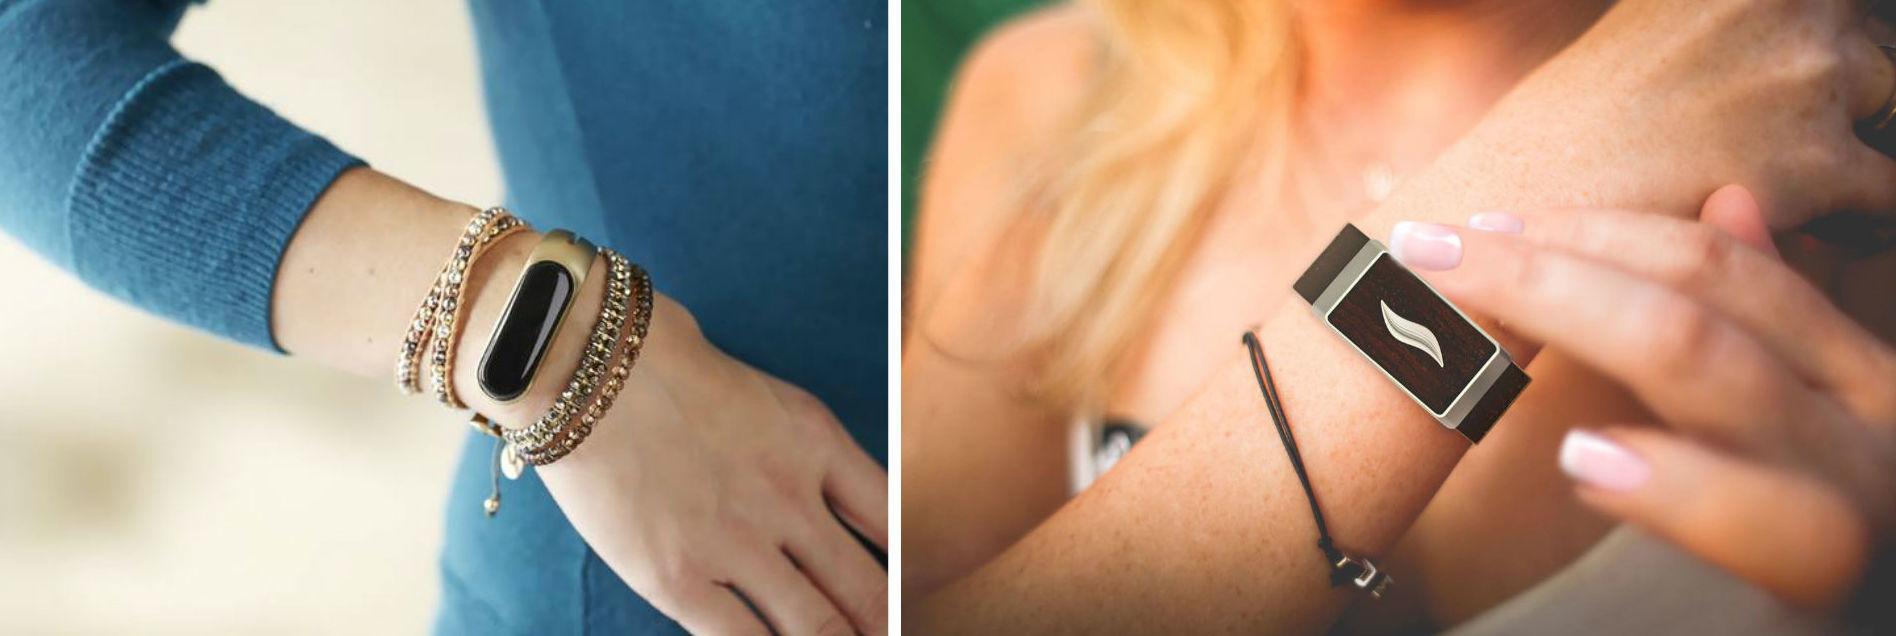 Умная бижутерия: кольца, браслеты, серьги и кулоны, которые на что-то способны - 18